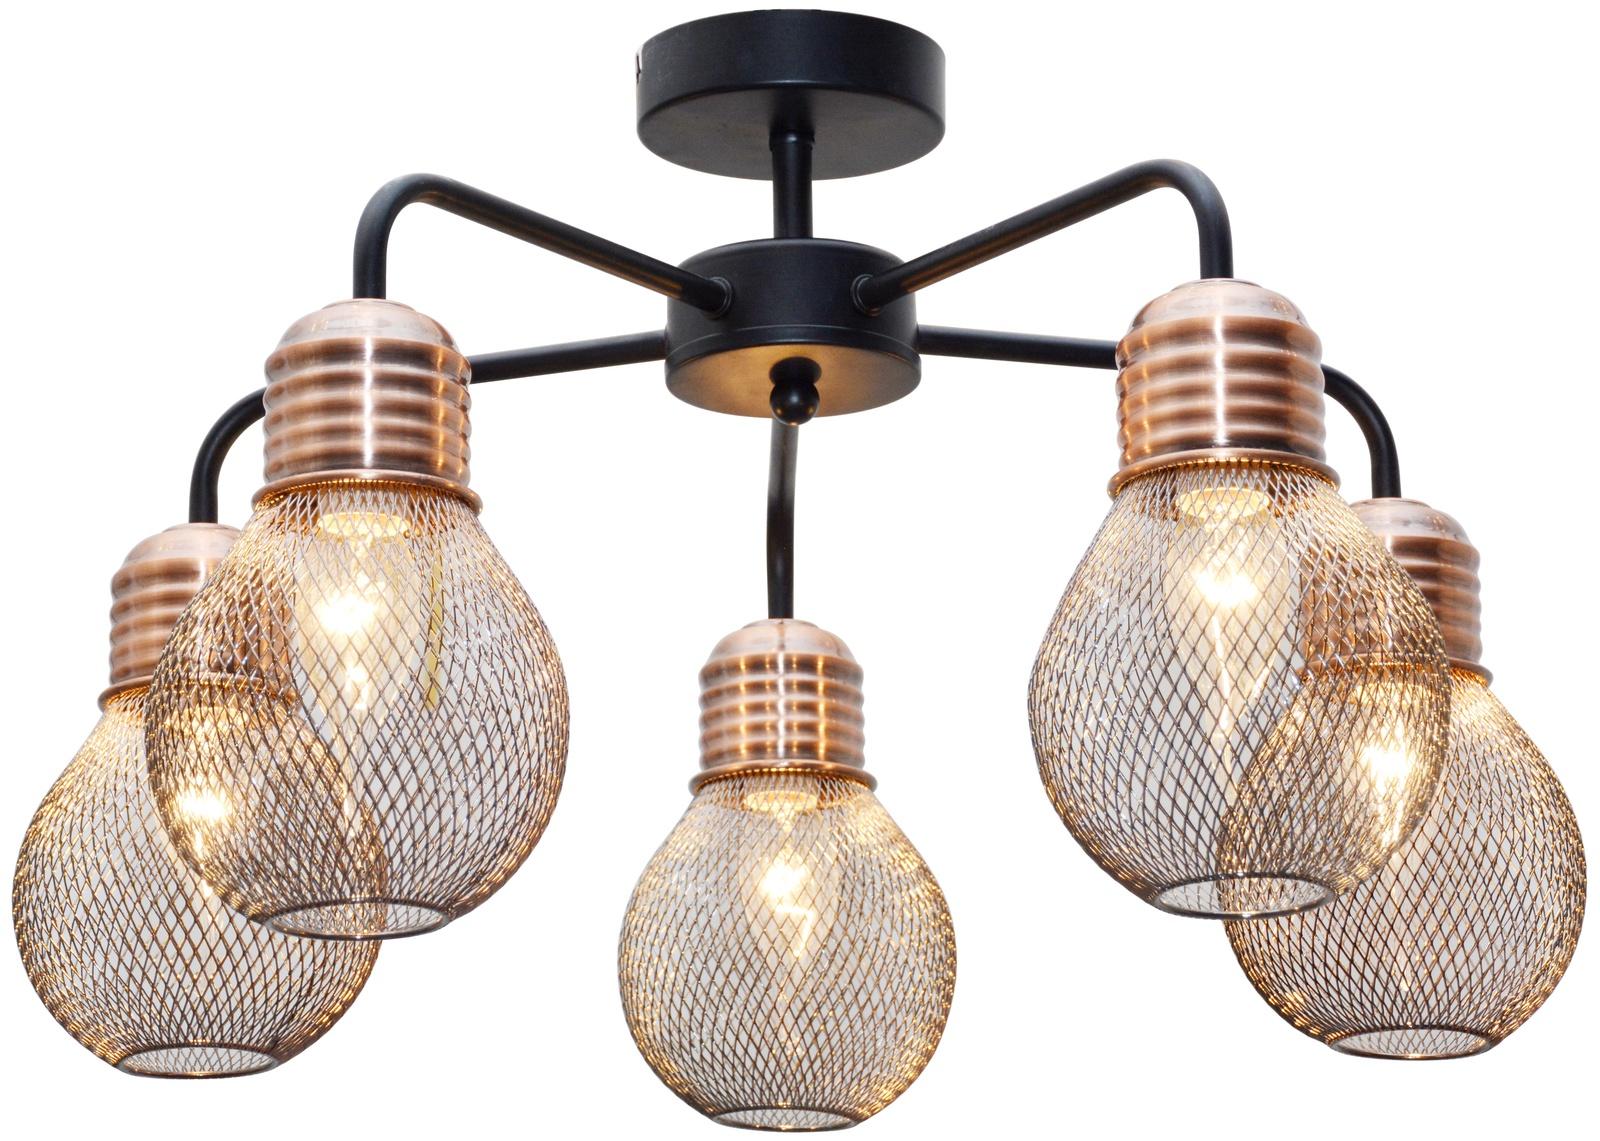 Потолочный светильник Toplight GrissellTL1155-5DЛюстра потолочная Grissell TL1155-5D Toplight